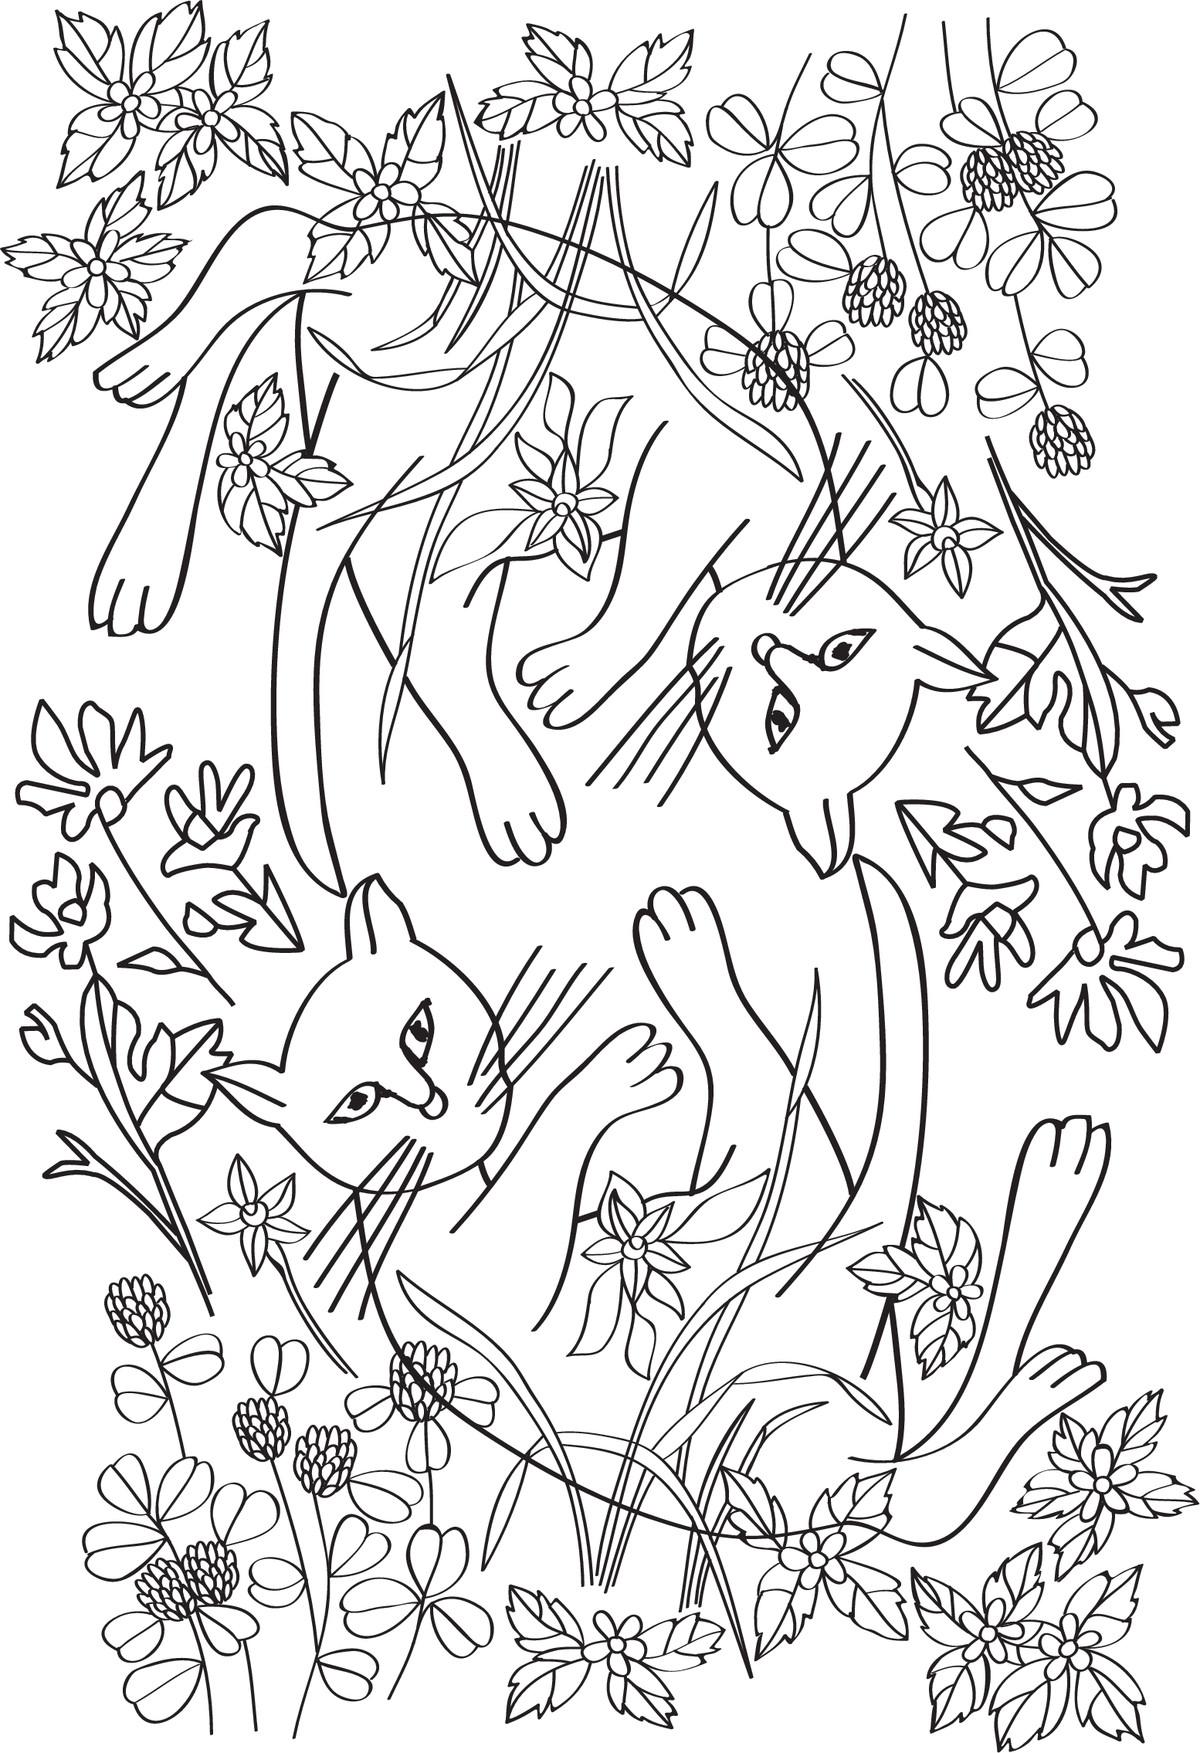 Ausmalbilder Querflöte Einzigartig Ampquot Ampquot Sammlung